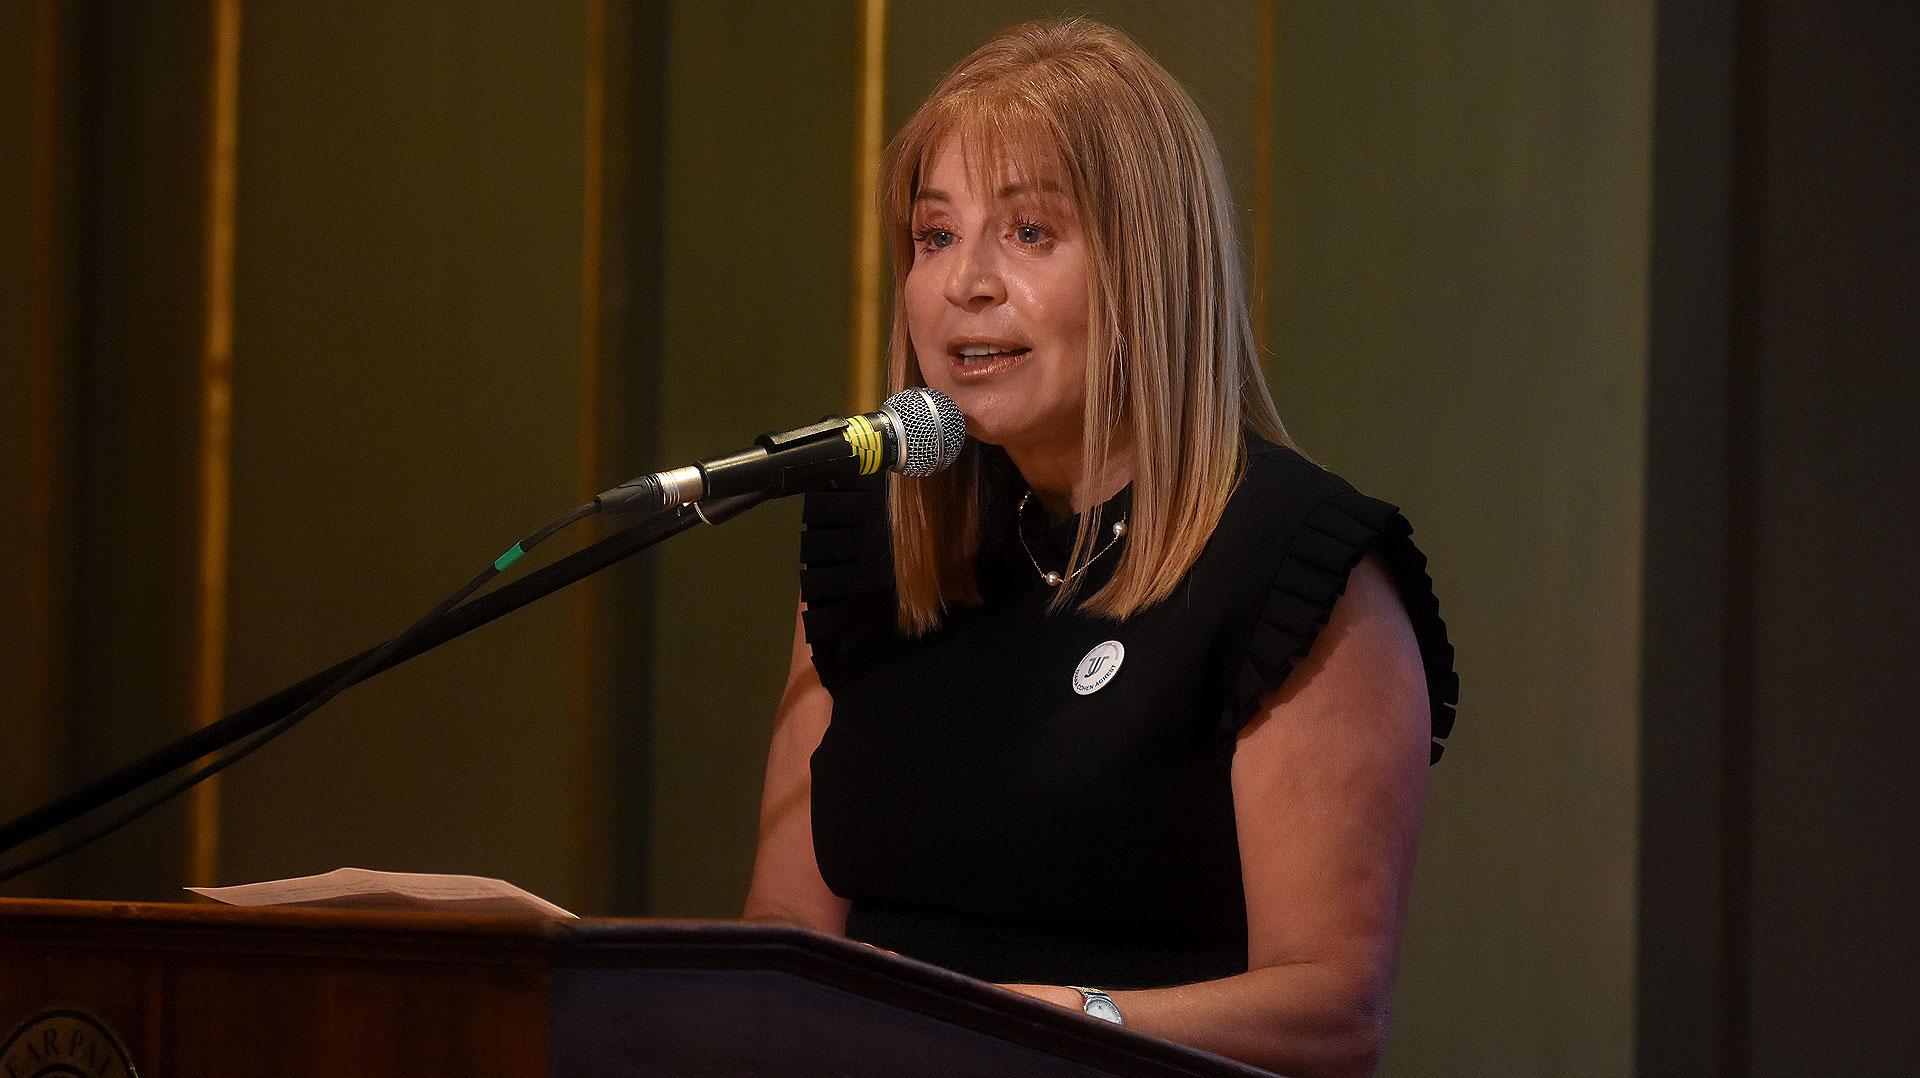 Diana Cohen Agrest, presidente de Usina de Justicia, en el primer cóctel de esa entidad que reunió a distintos actores de los sectores público y privado, con el fin de promover políticas públicas que fortalezcan la justicia y la seguridad